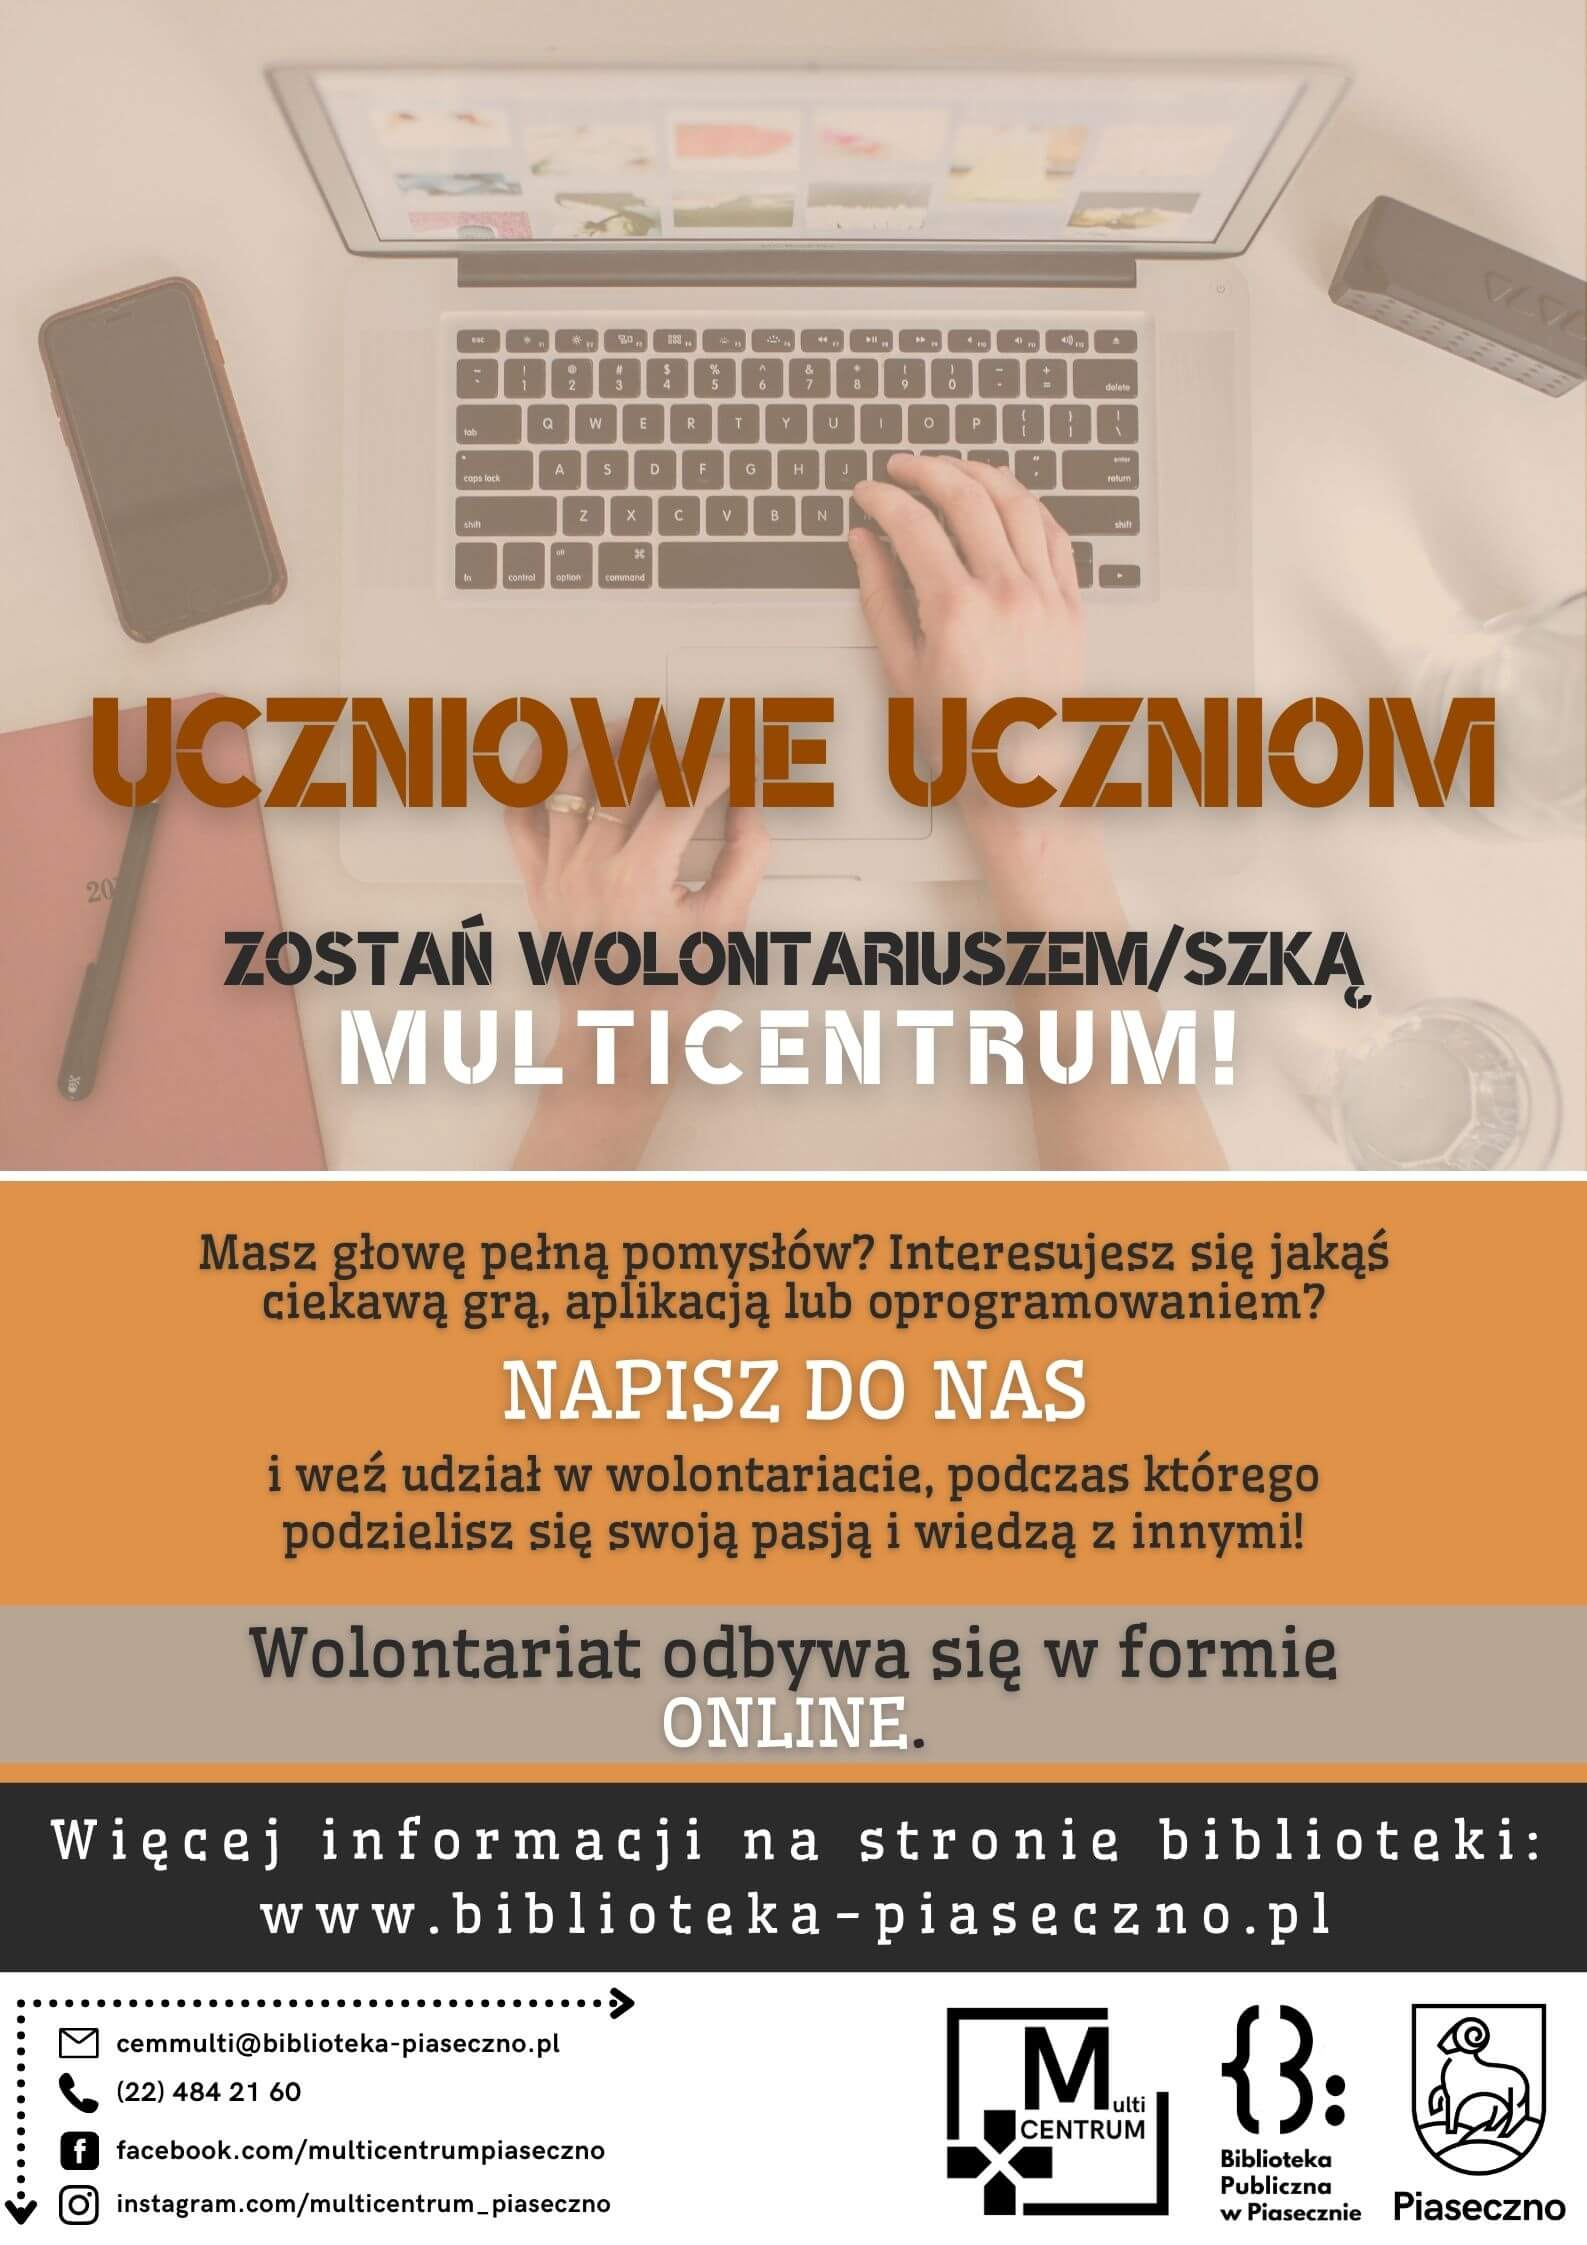 Plakat informujący o możliwości odbycia wolontariatu online w Multicentrum